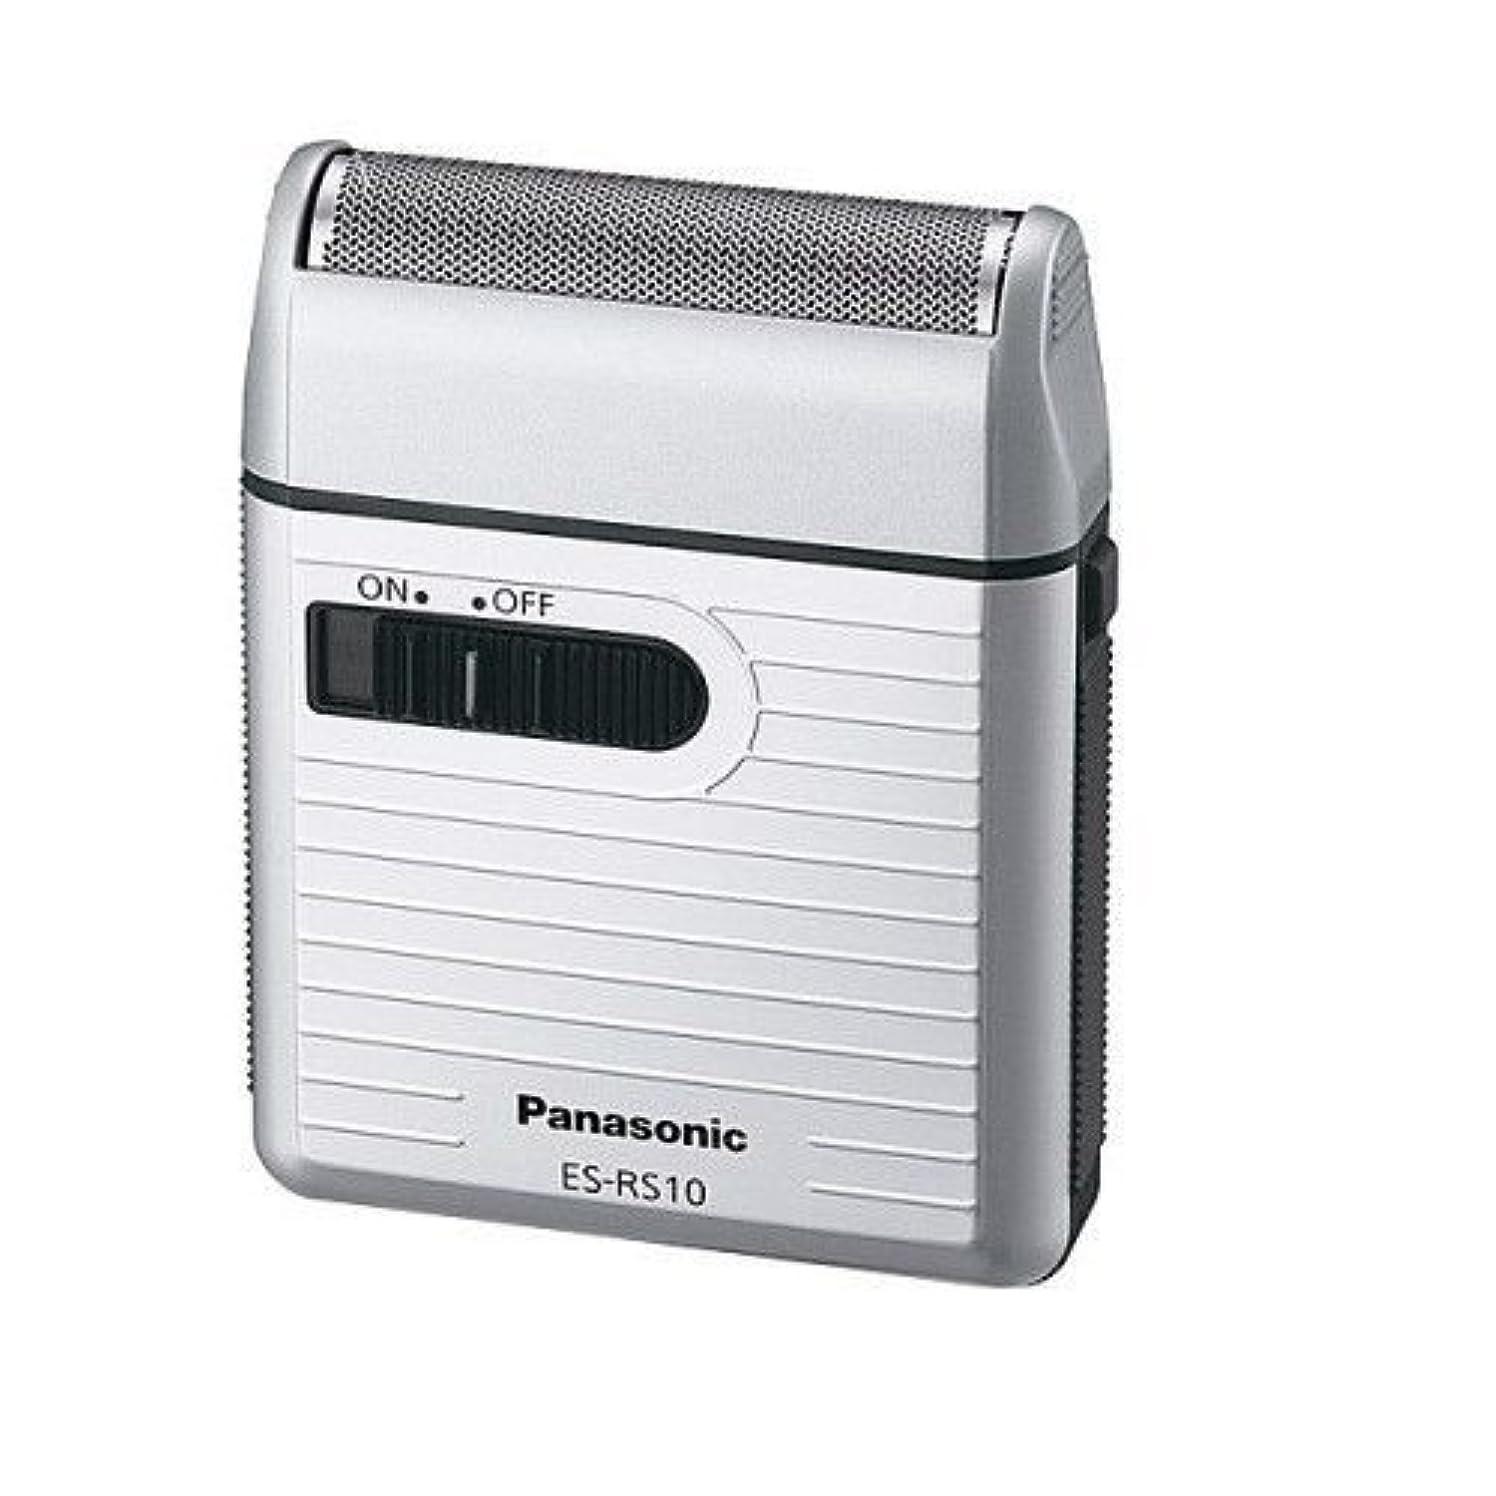 ママ倫理あいまいなPanasonic ES-RS10-S ンズポケットシェーバーシルバー ESRS10 日本製 [並行輸入品]